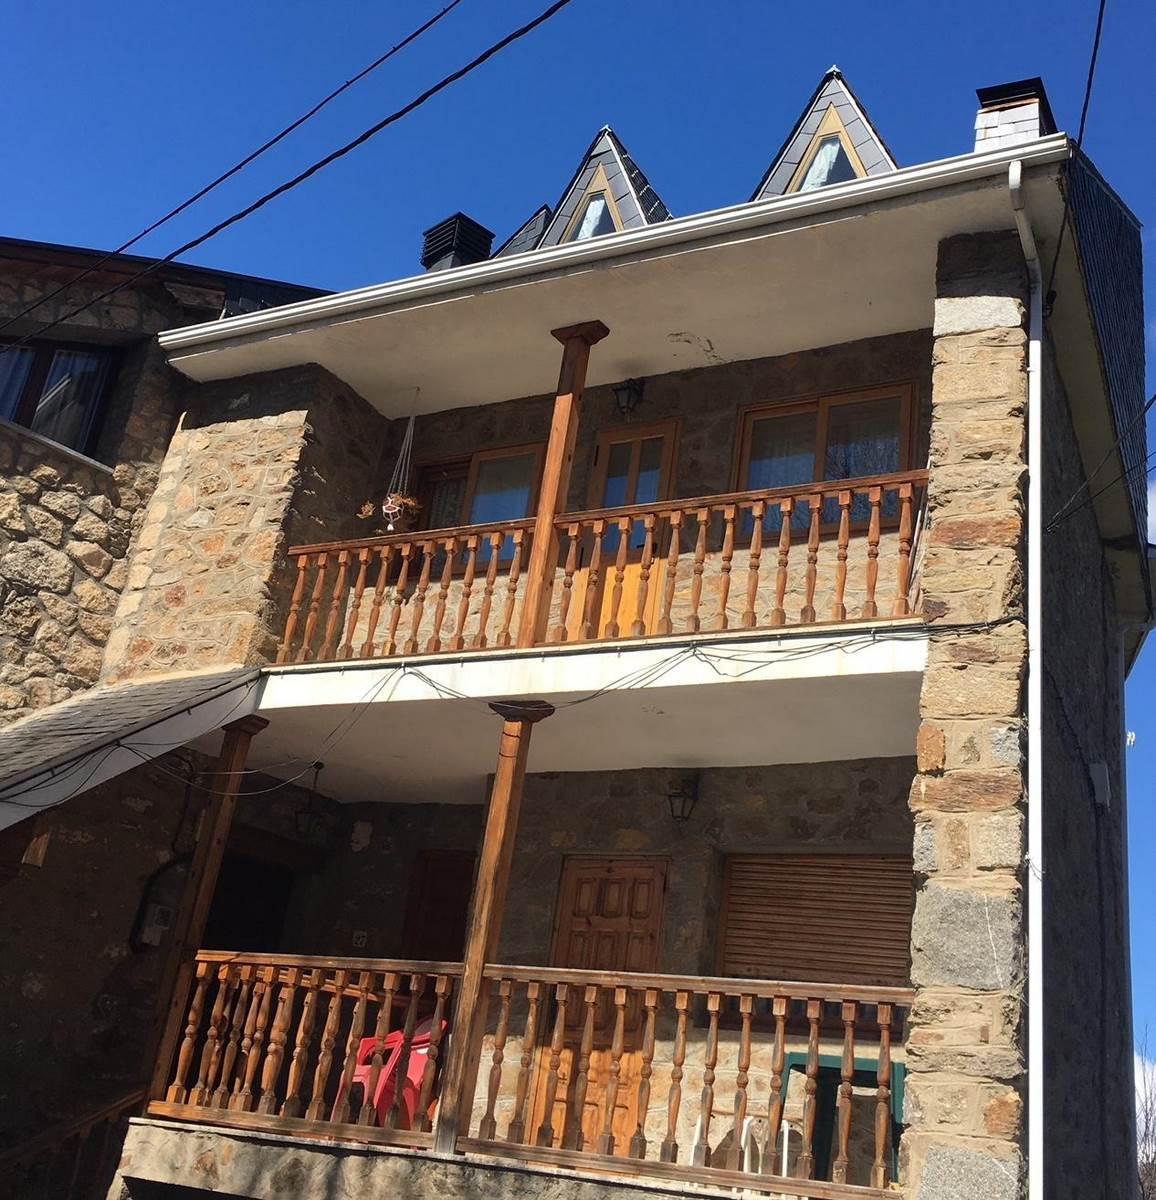 Alquiler vacaciones en Galende, Zamora